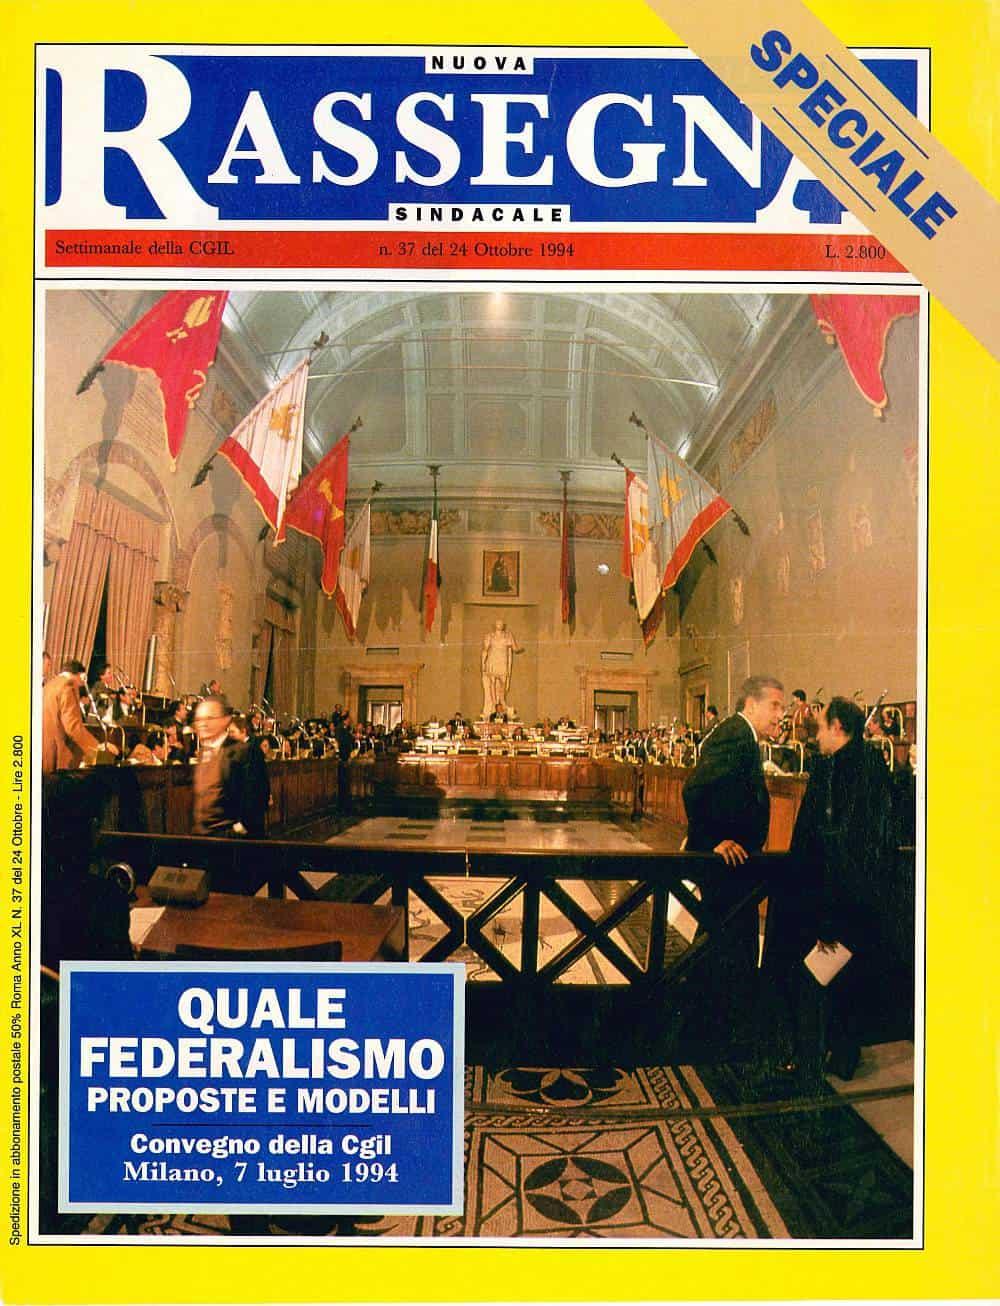 C52 - Autonimia e diritti. Introduzione al convegno della Cgil Quale federalismo 7 luglio 1994